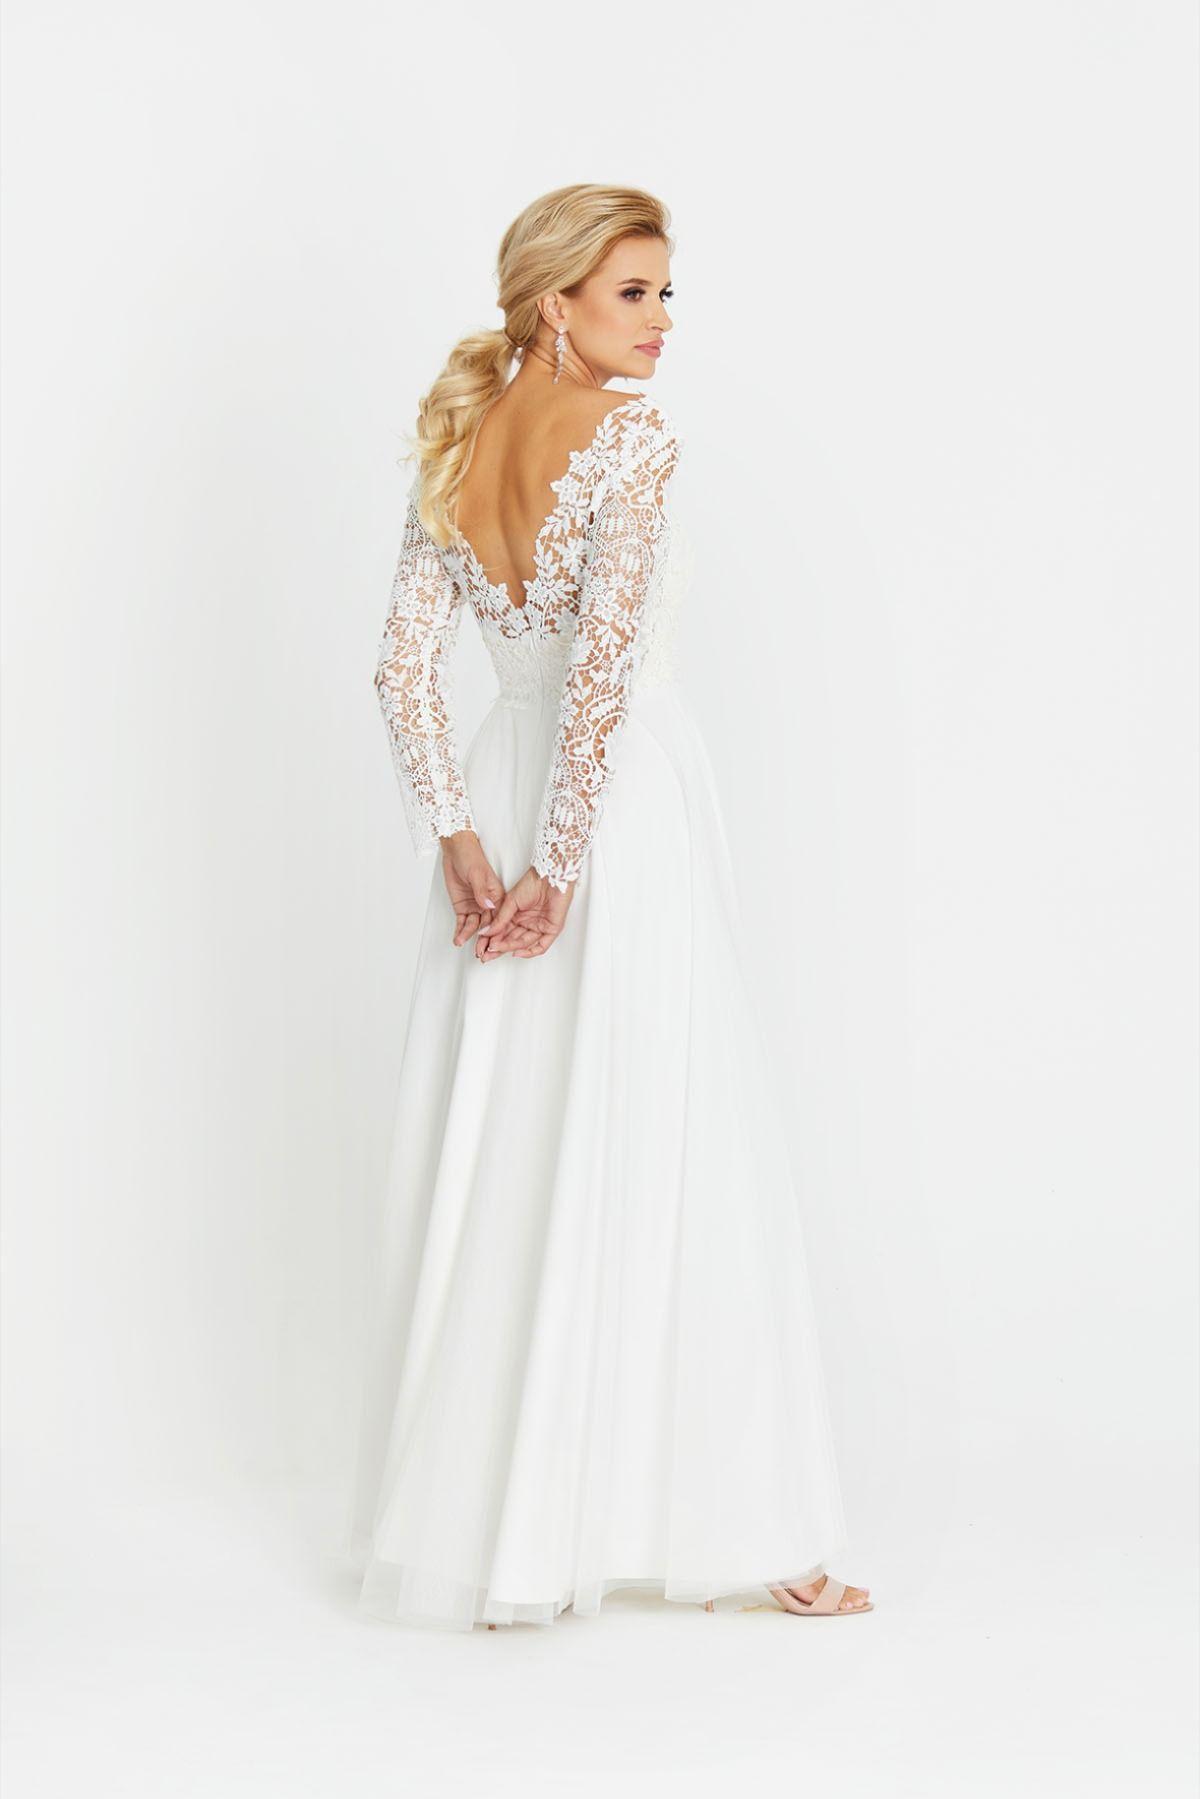 Suknia Slubna Boho Z Dlugim Rekawem Z Koronki Astrid I Pracownia Sukien Dama Couture Z Warszawy 2020 Wedding Dresses Dresses Fashion